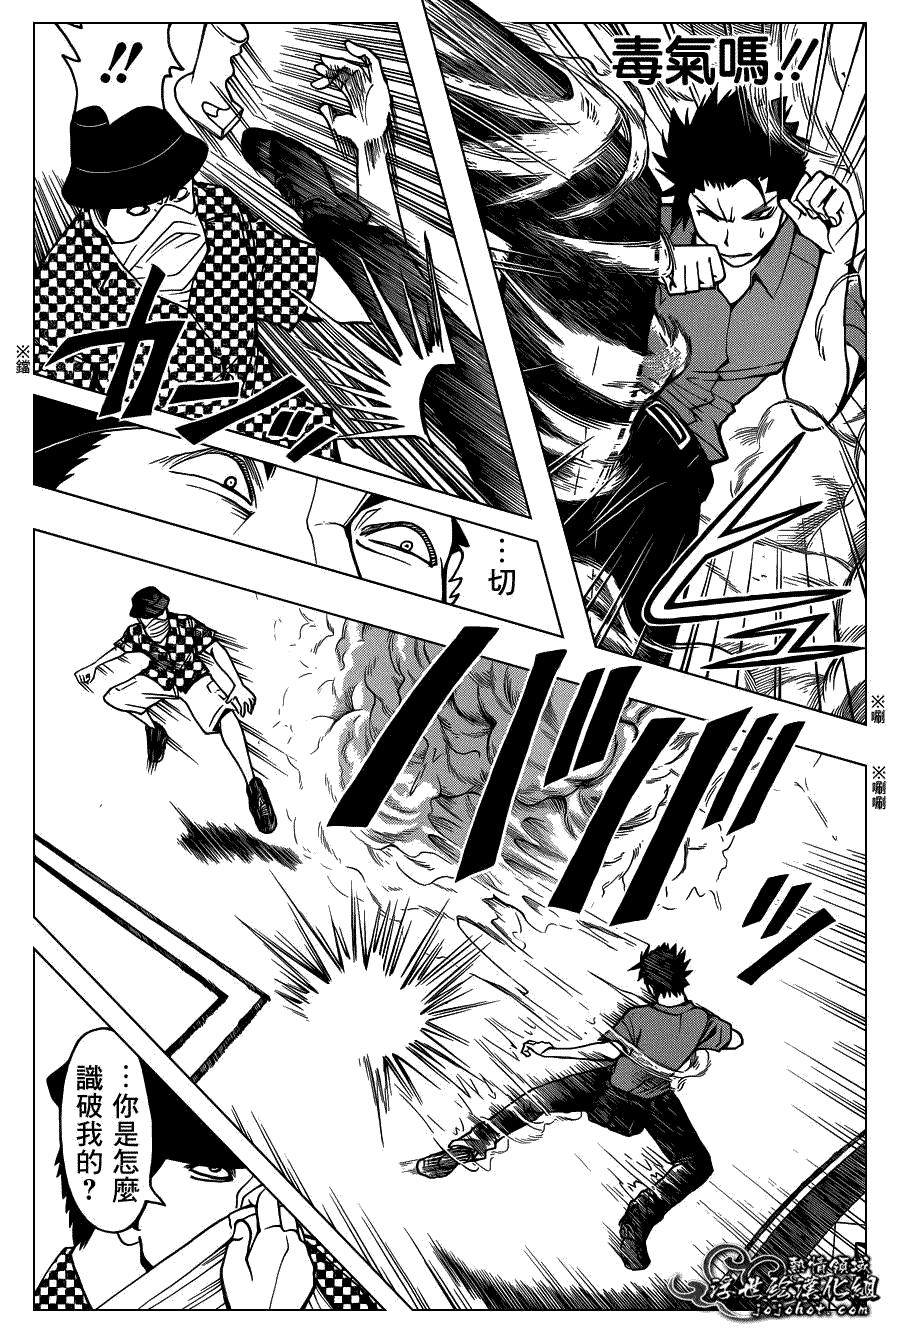 暗殺教室: 63話 - 第11页